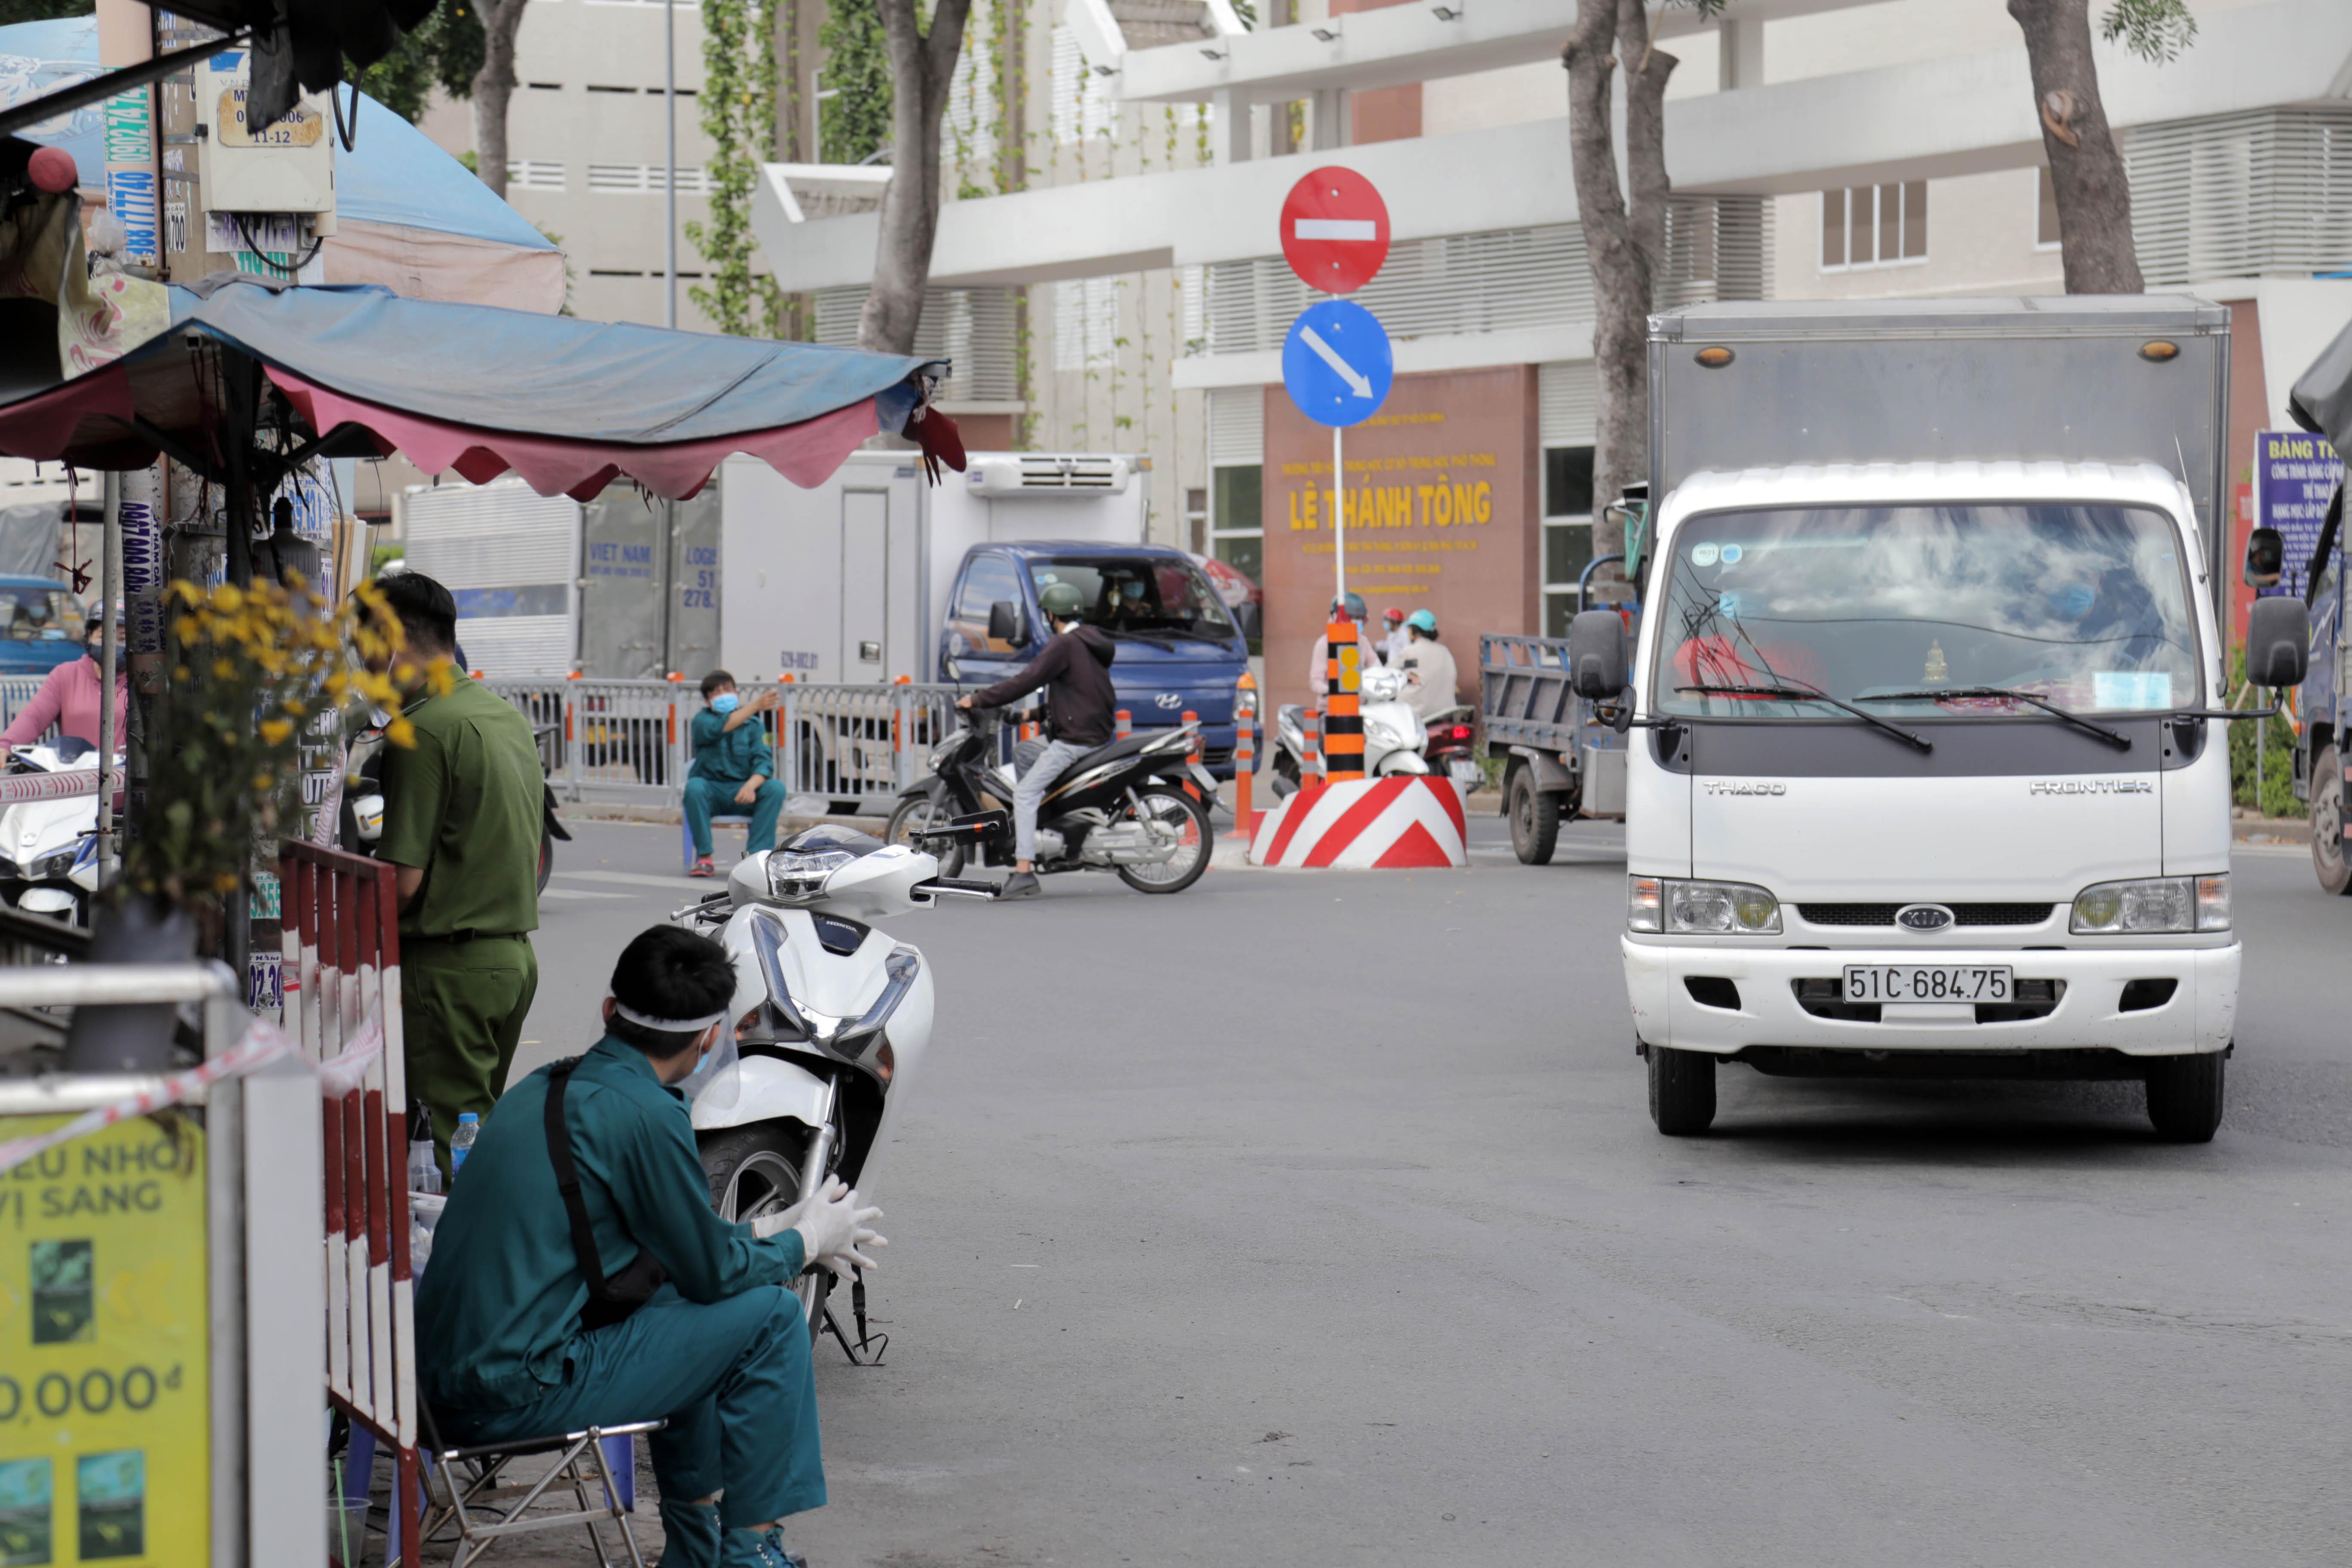 Ảnh: Phong tỏa mọi ngóc ngách, xét nghiệm hàng trăm người tại chợ ở Tân Phú vì dịch COVID-19 phức tạp - 3